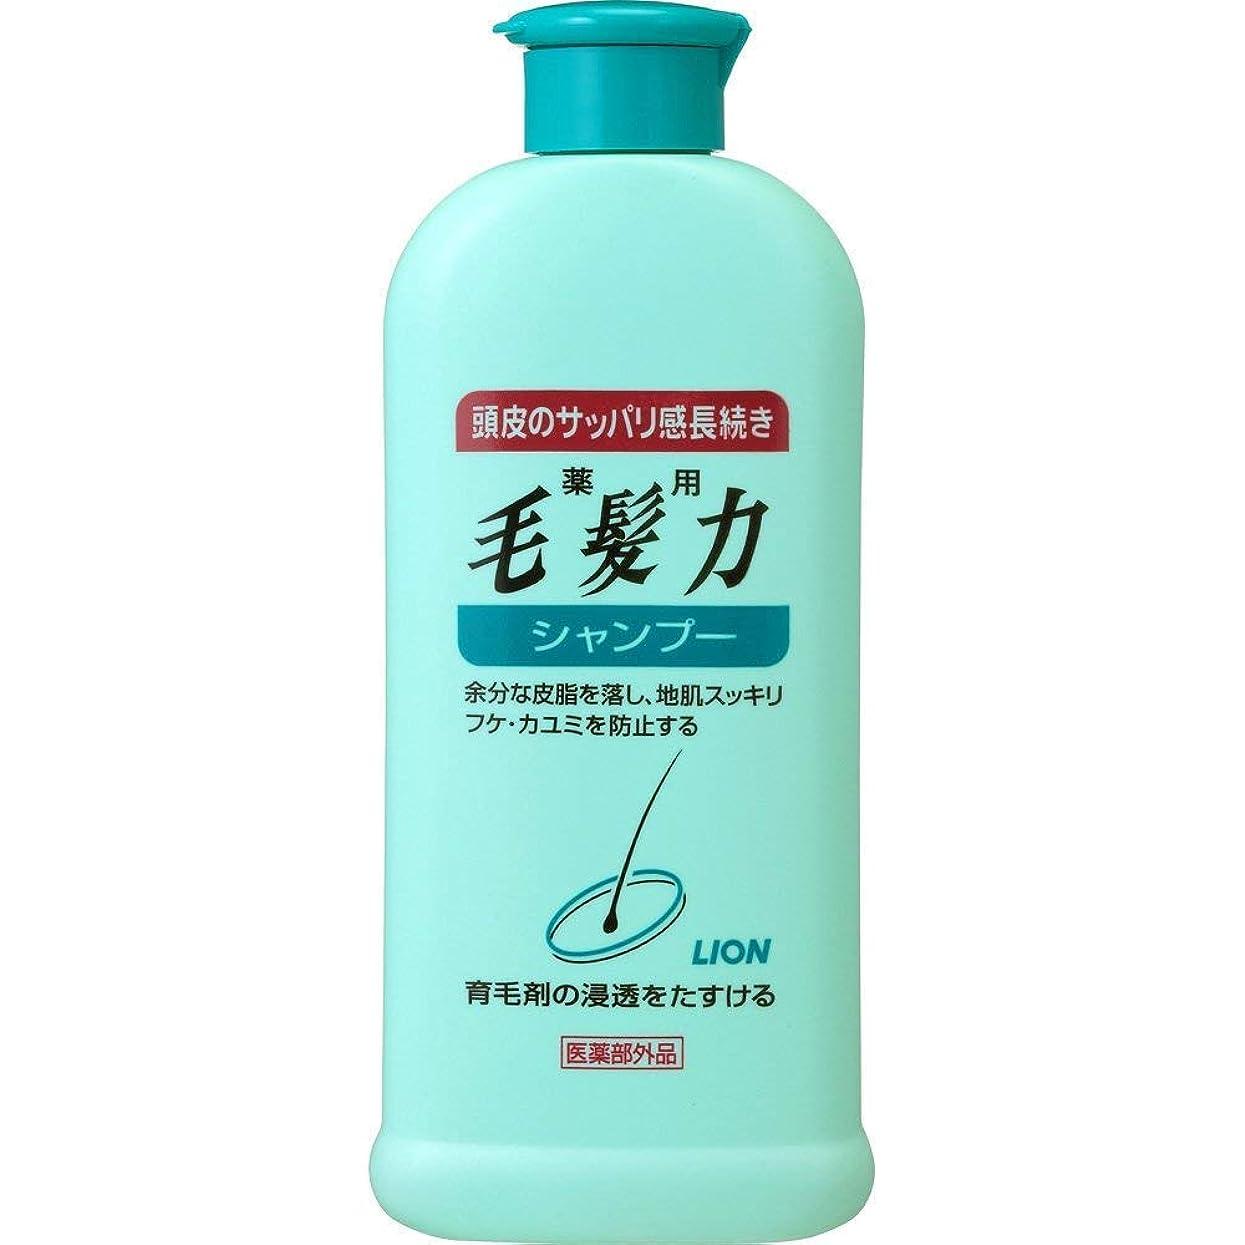 仲人処分した発明する【まとめ買い】薬用毛髪力 シャンプー 200ml ×2セット